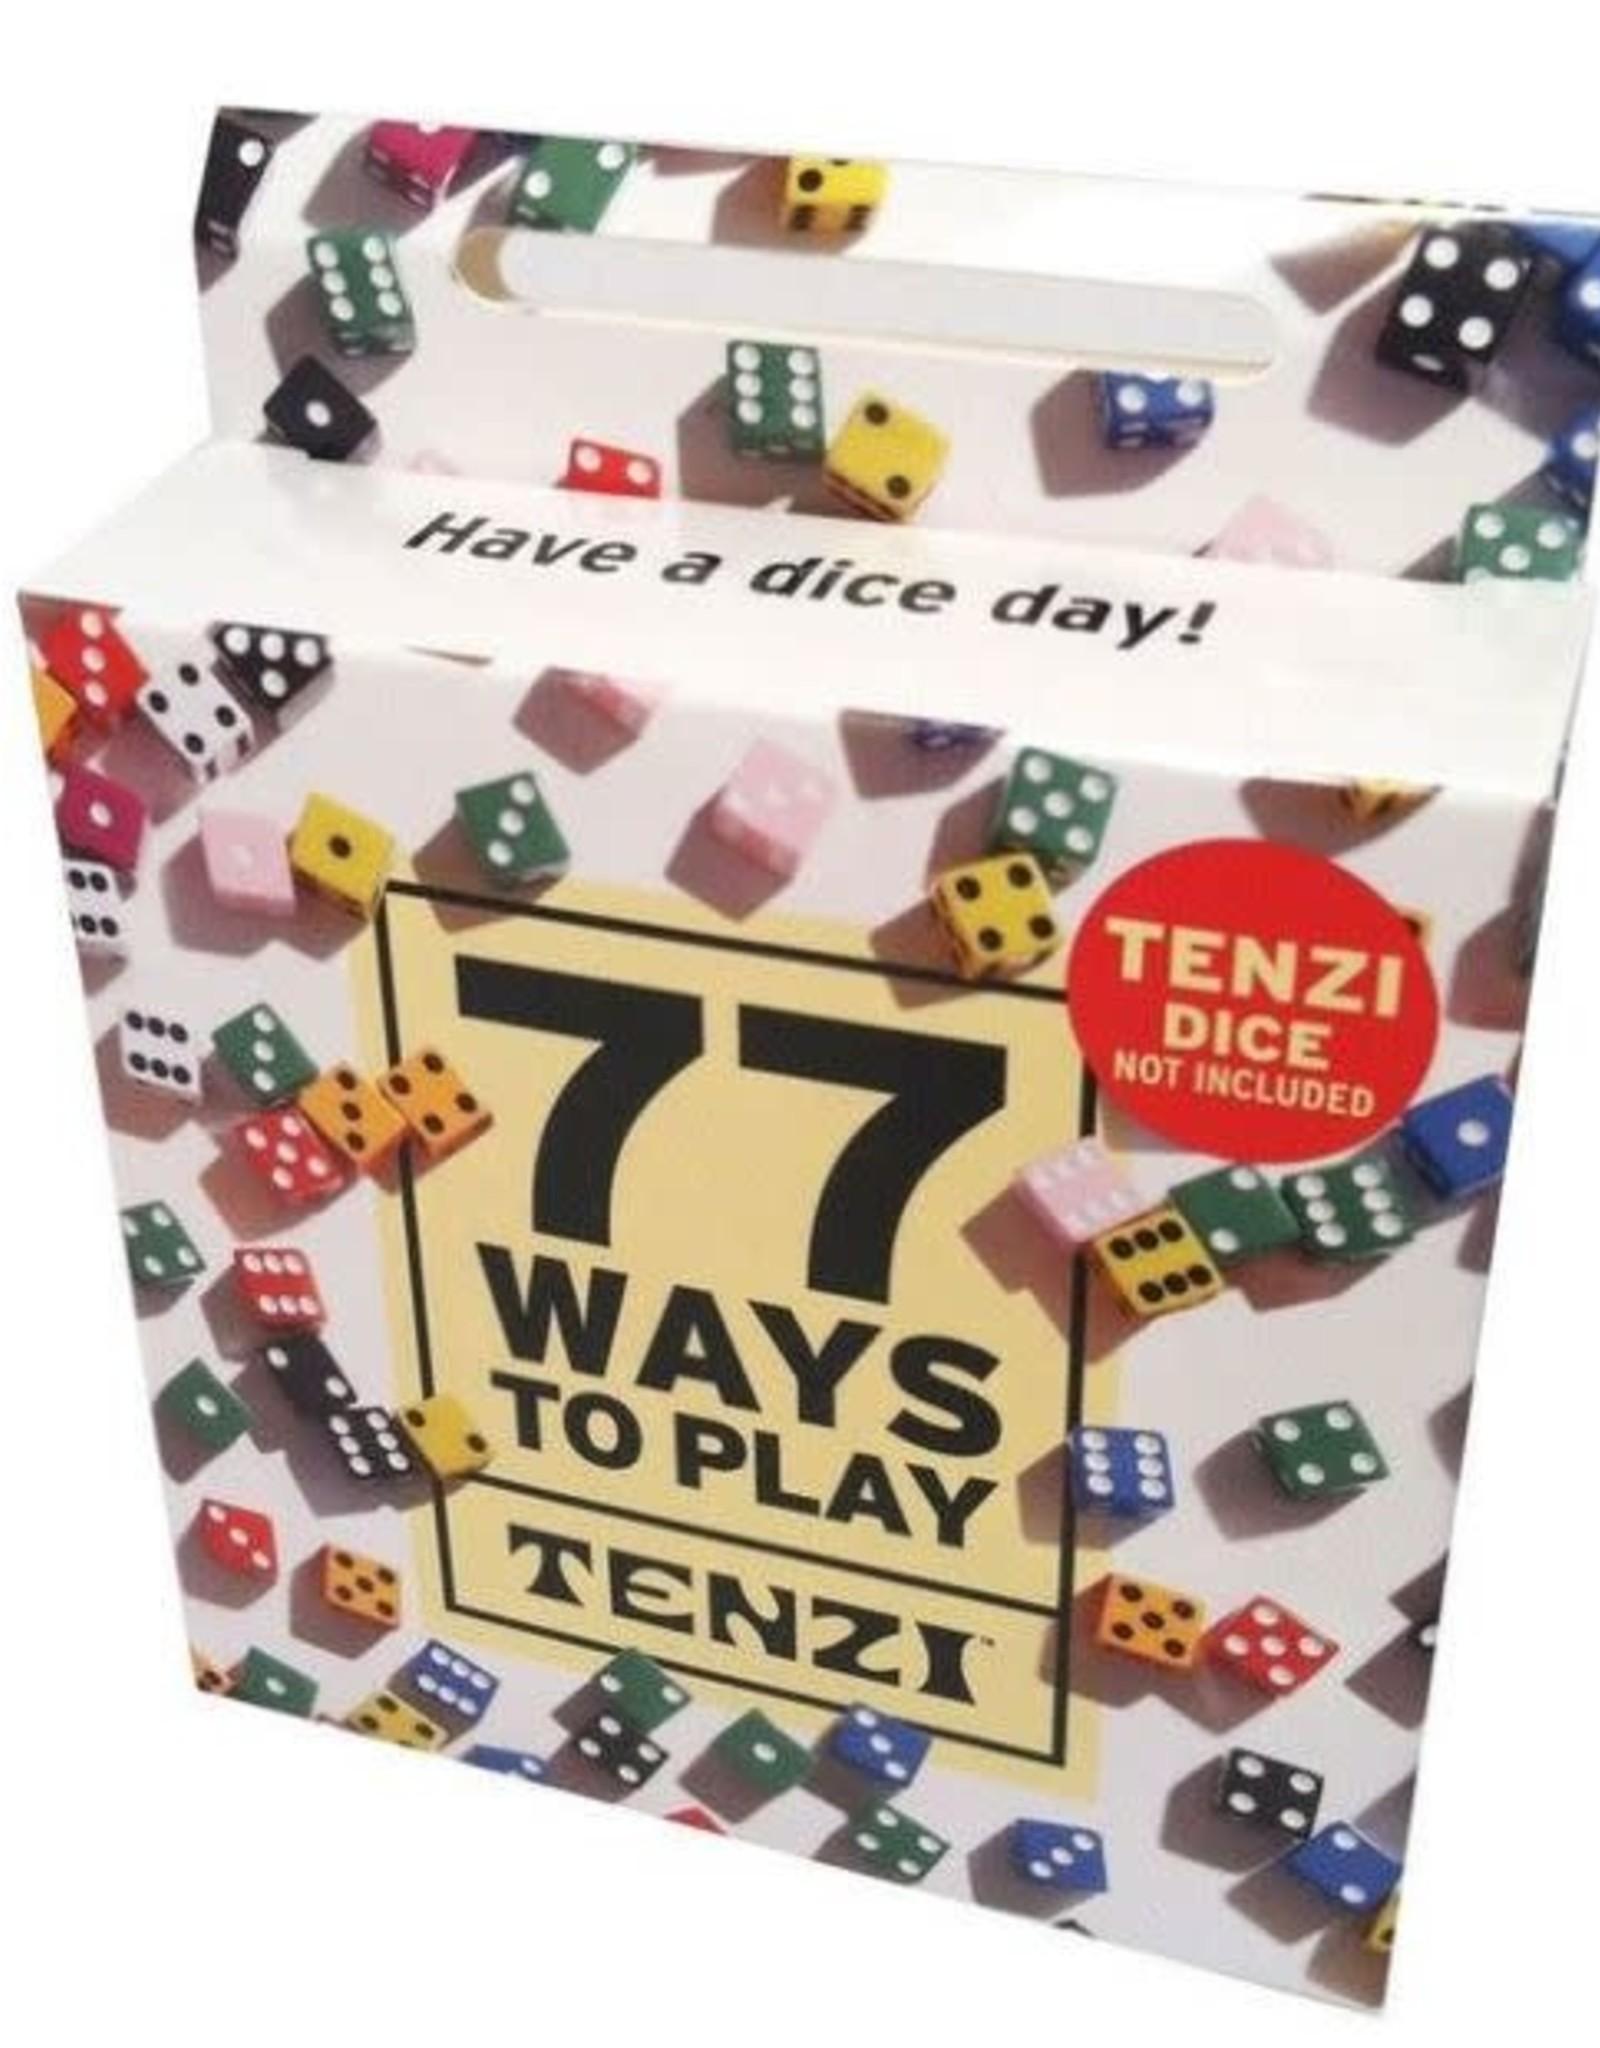 77 Ways to Play Tenzi Cards